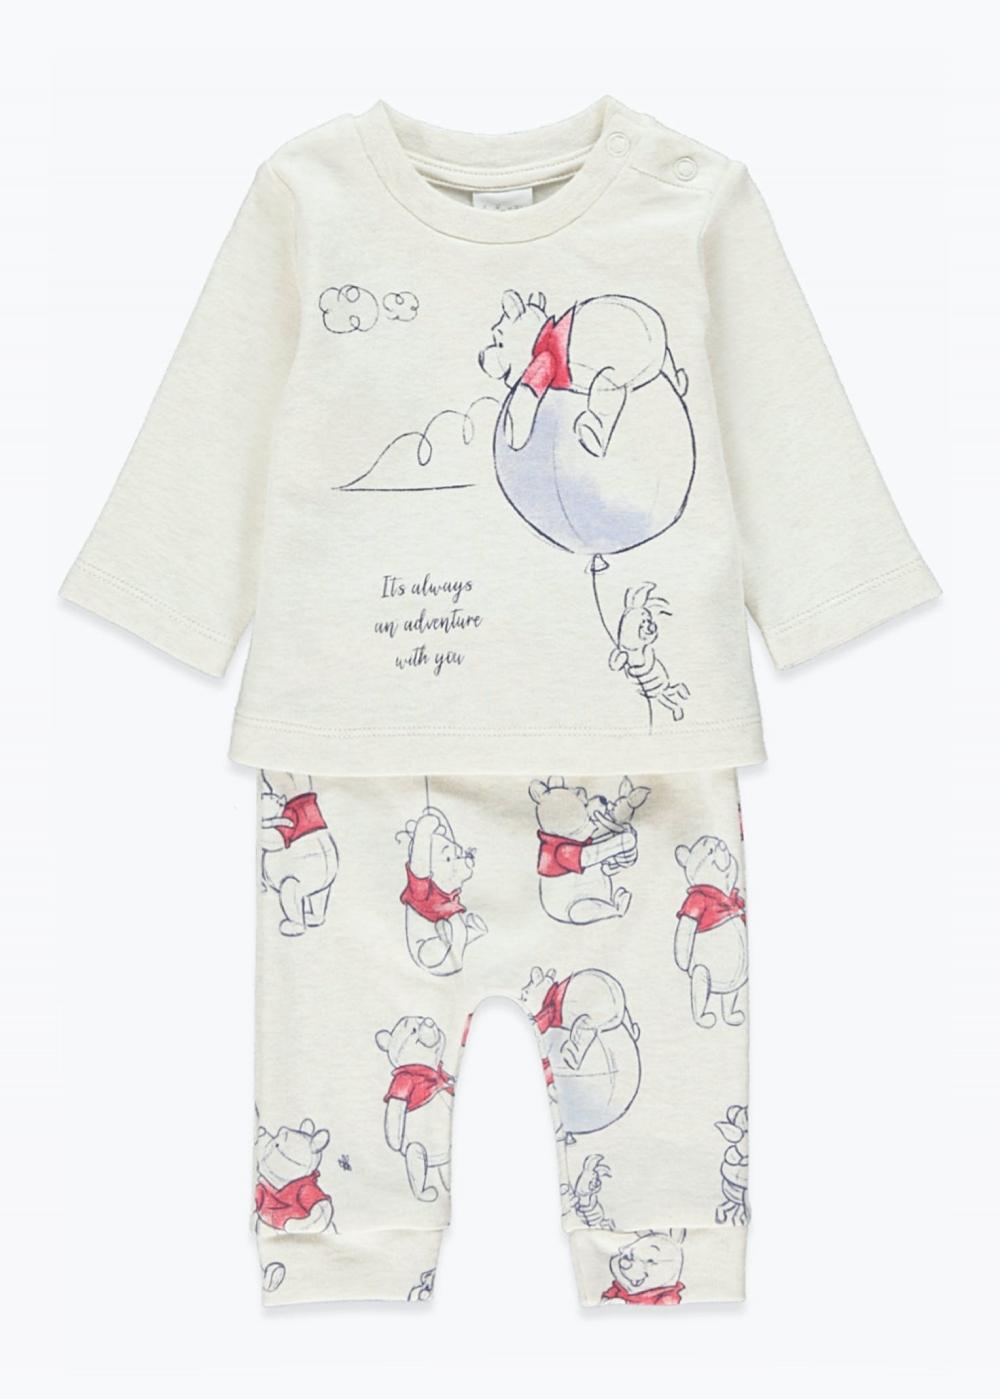 Proud Mummy Blog Image 8